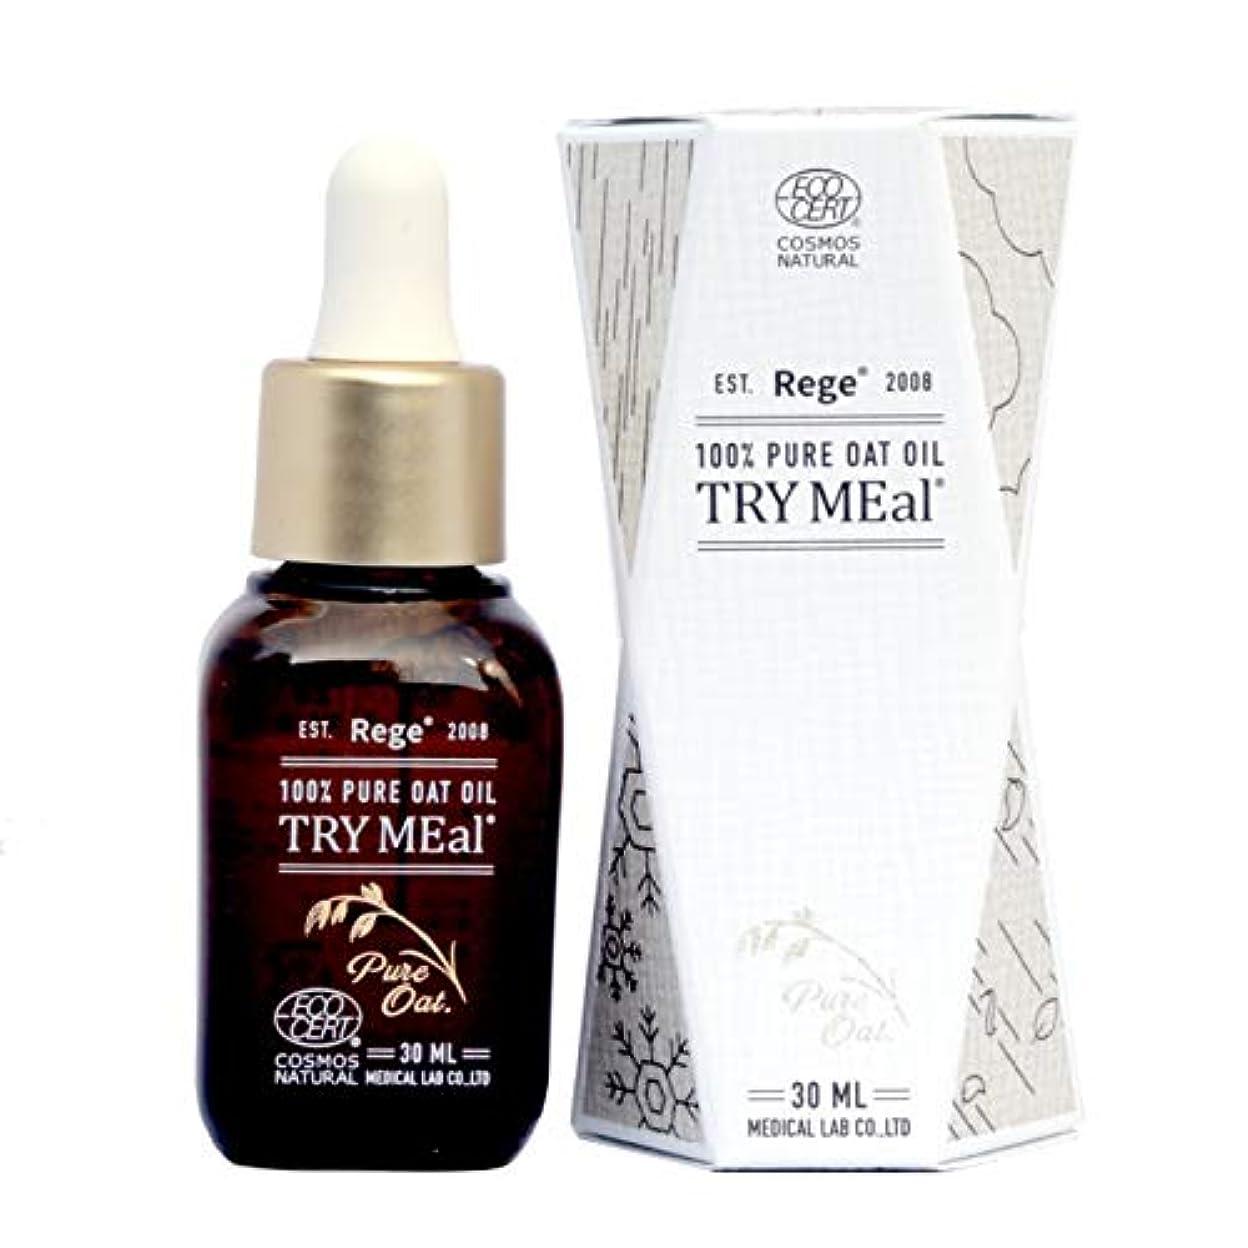 閉塞発明する冬TRY MEal オートミール美容液 100%ピュアオイル 30ml エコサート&コスモスナチュラル認証